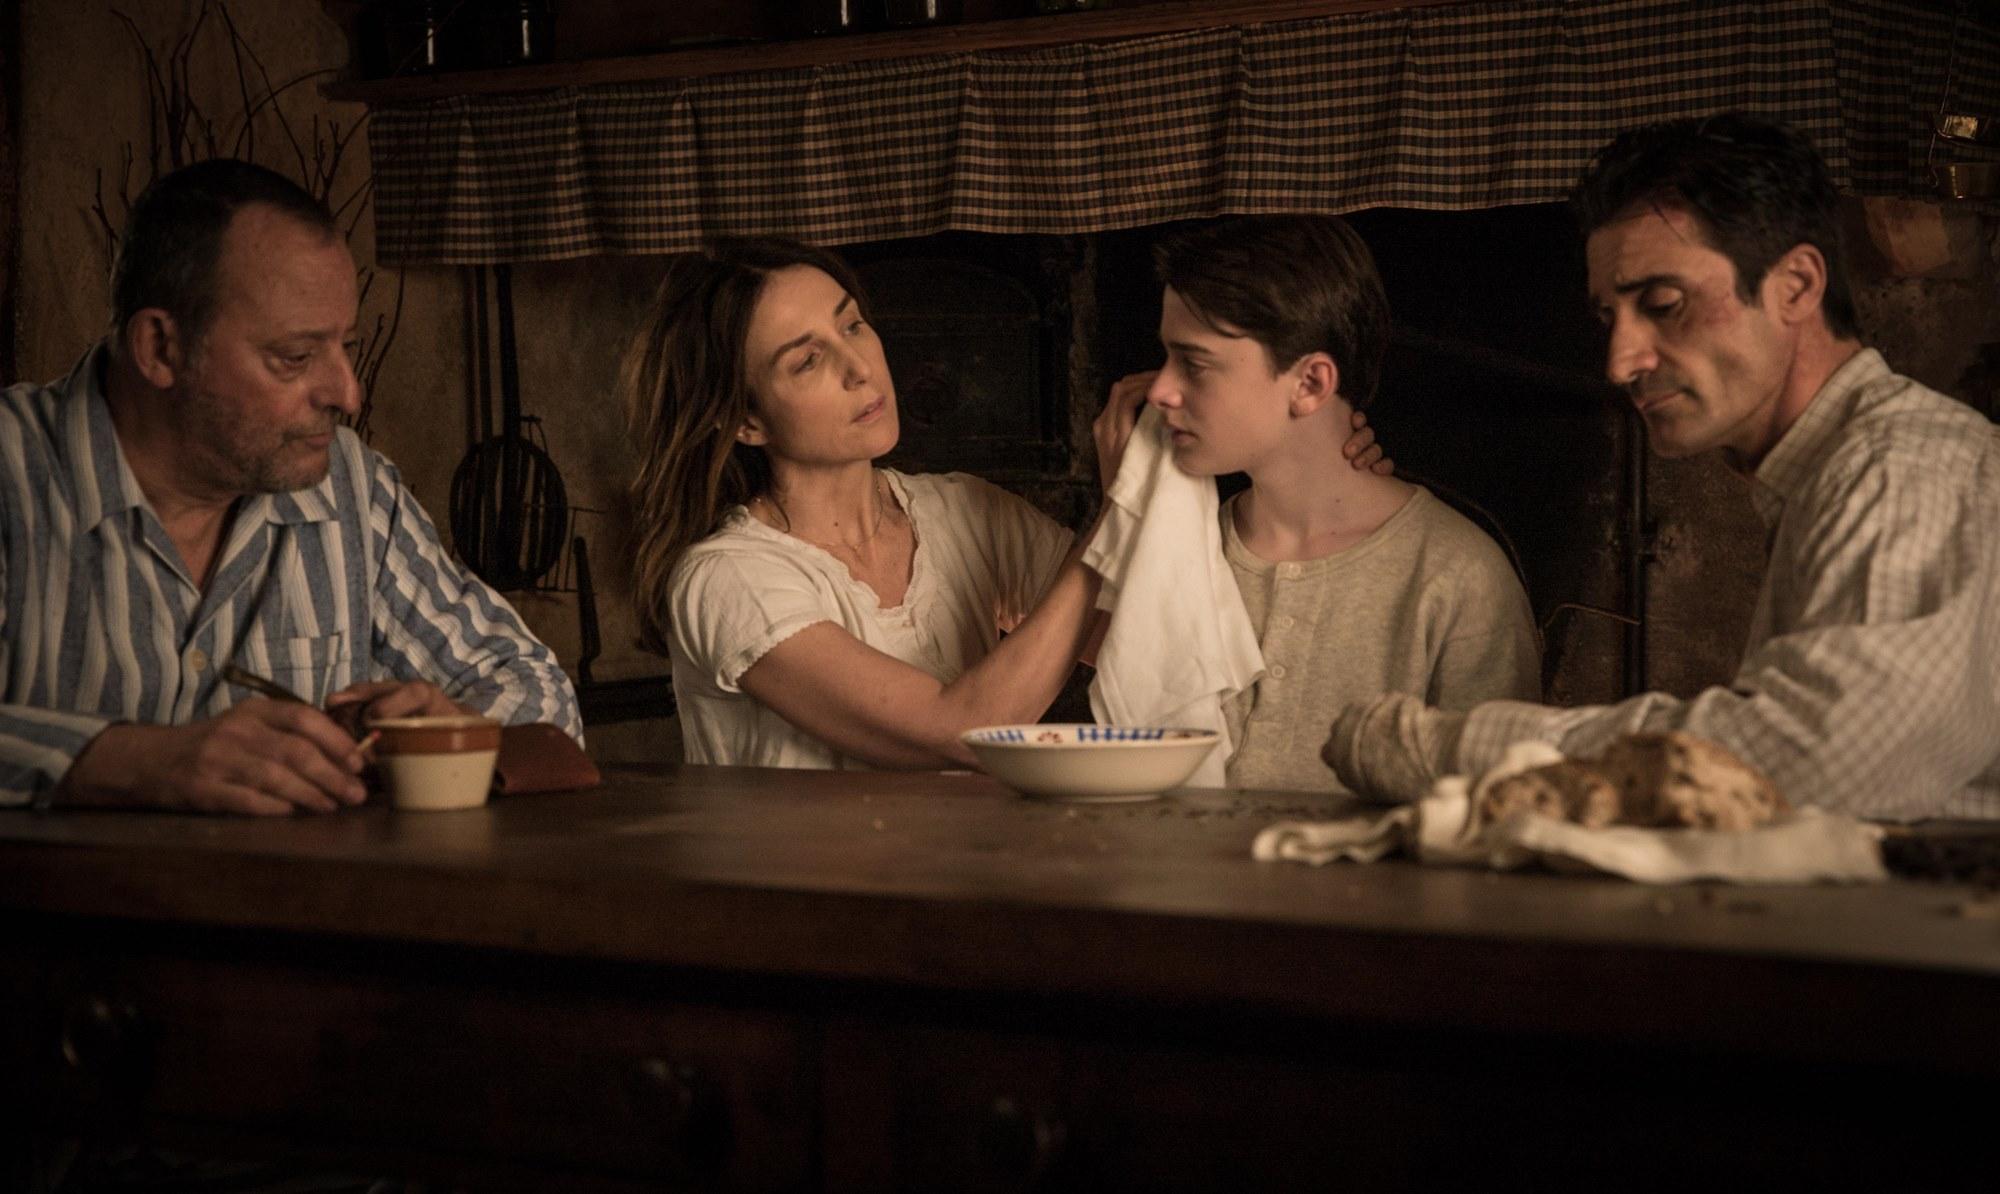 感人電影《安雅的回家路》 彰顯二次大戰戰火下的溫情與勇氣